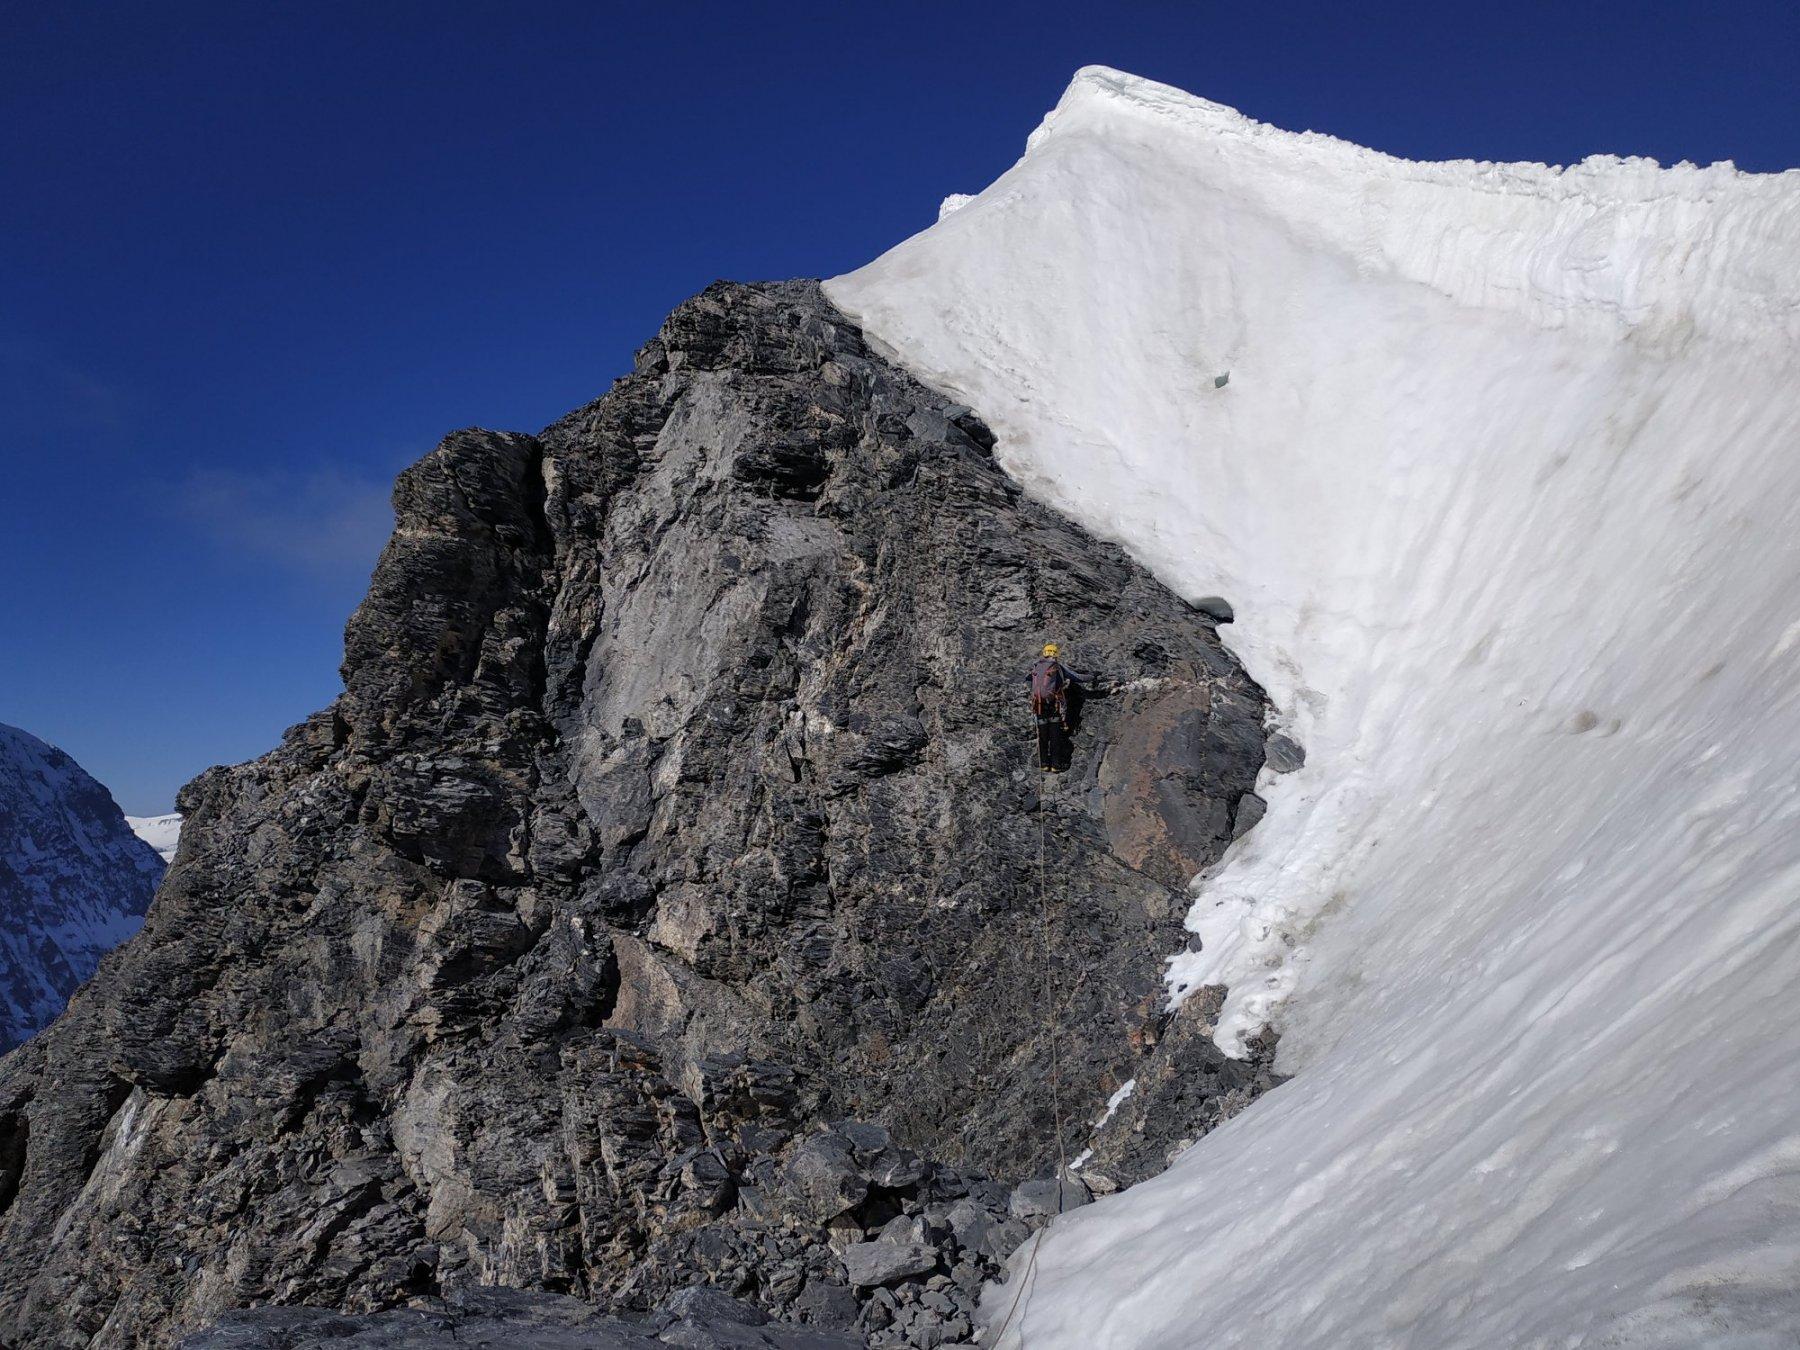 FOTO_18 Parte alta della cresta su cui (Ago 2018) e' stato possibile aggirare la parte nevosa stando verso Sud su roccia di qualita' mediocre.